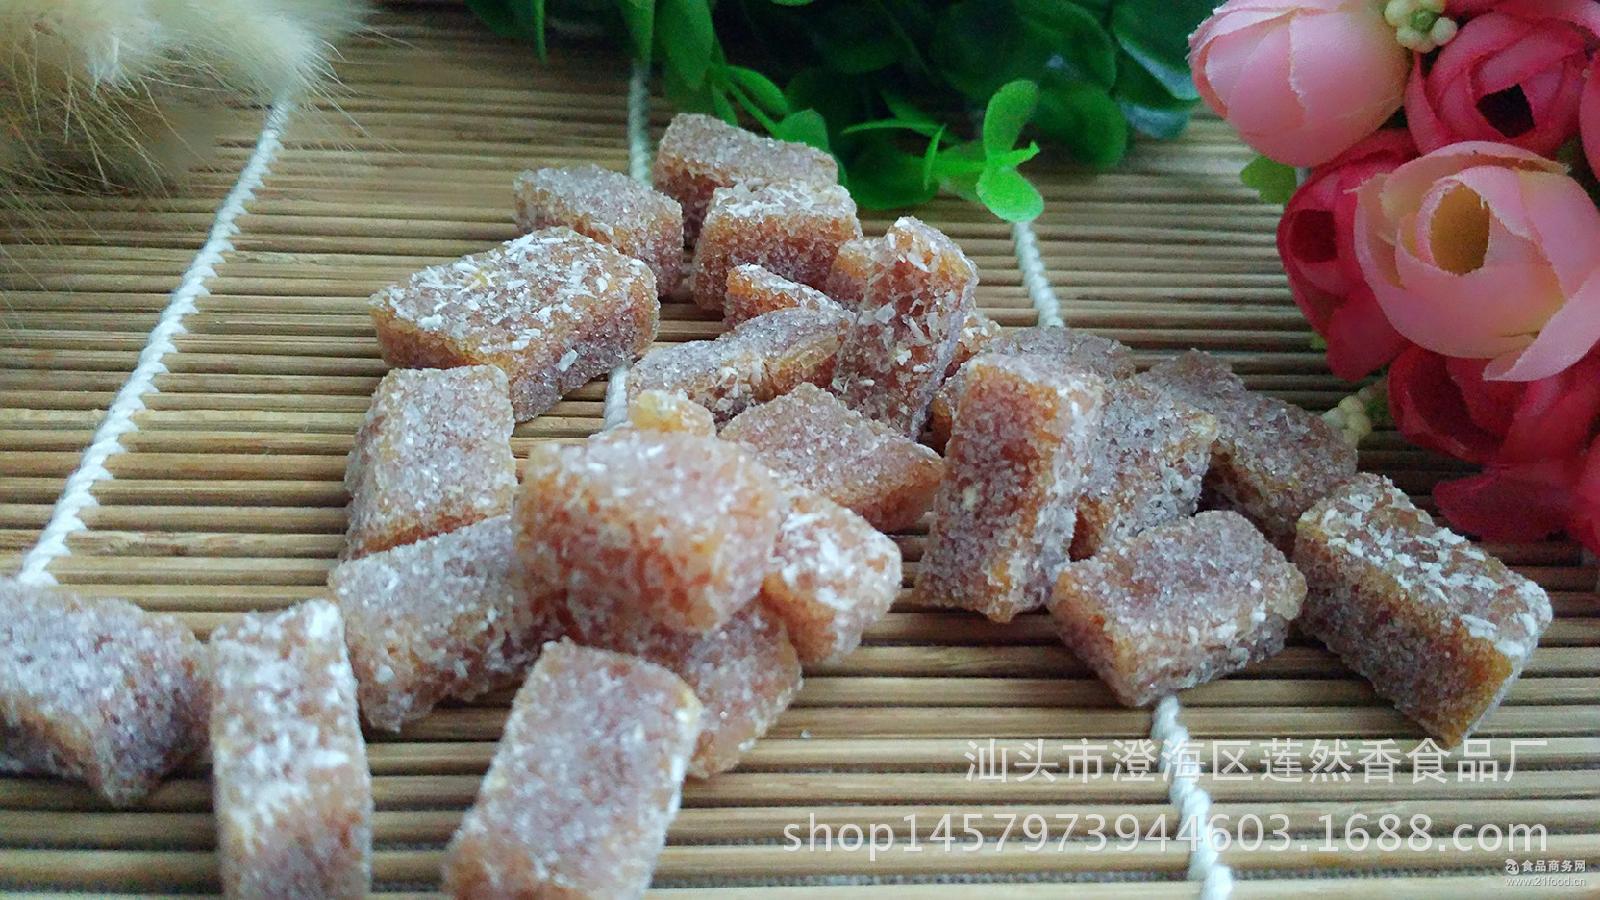 食品类 休闲食品 糖果 > 纯手工制作姜汁软糖 休闲食品 加辣价格